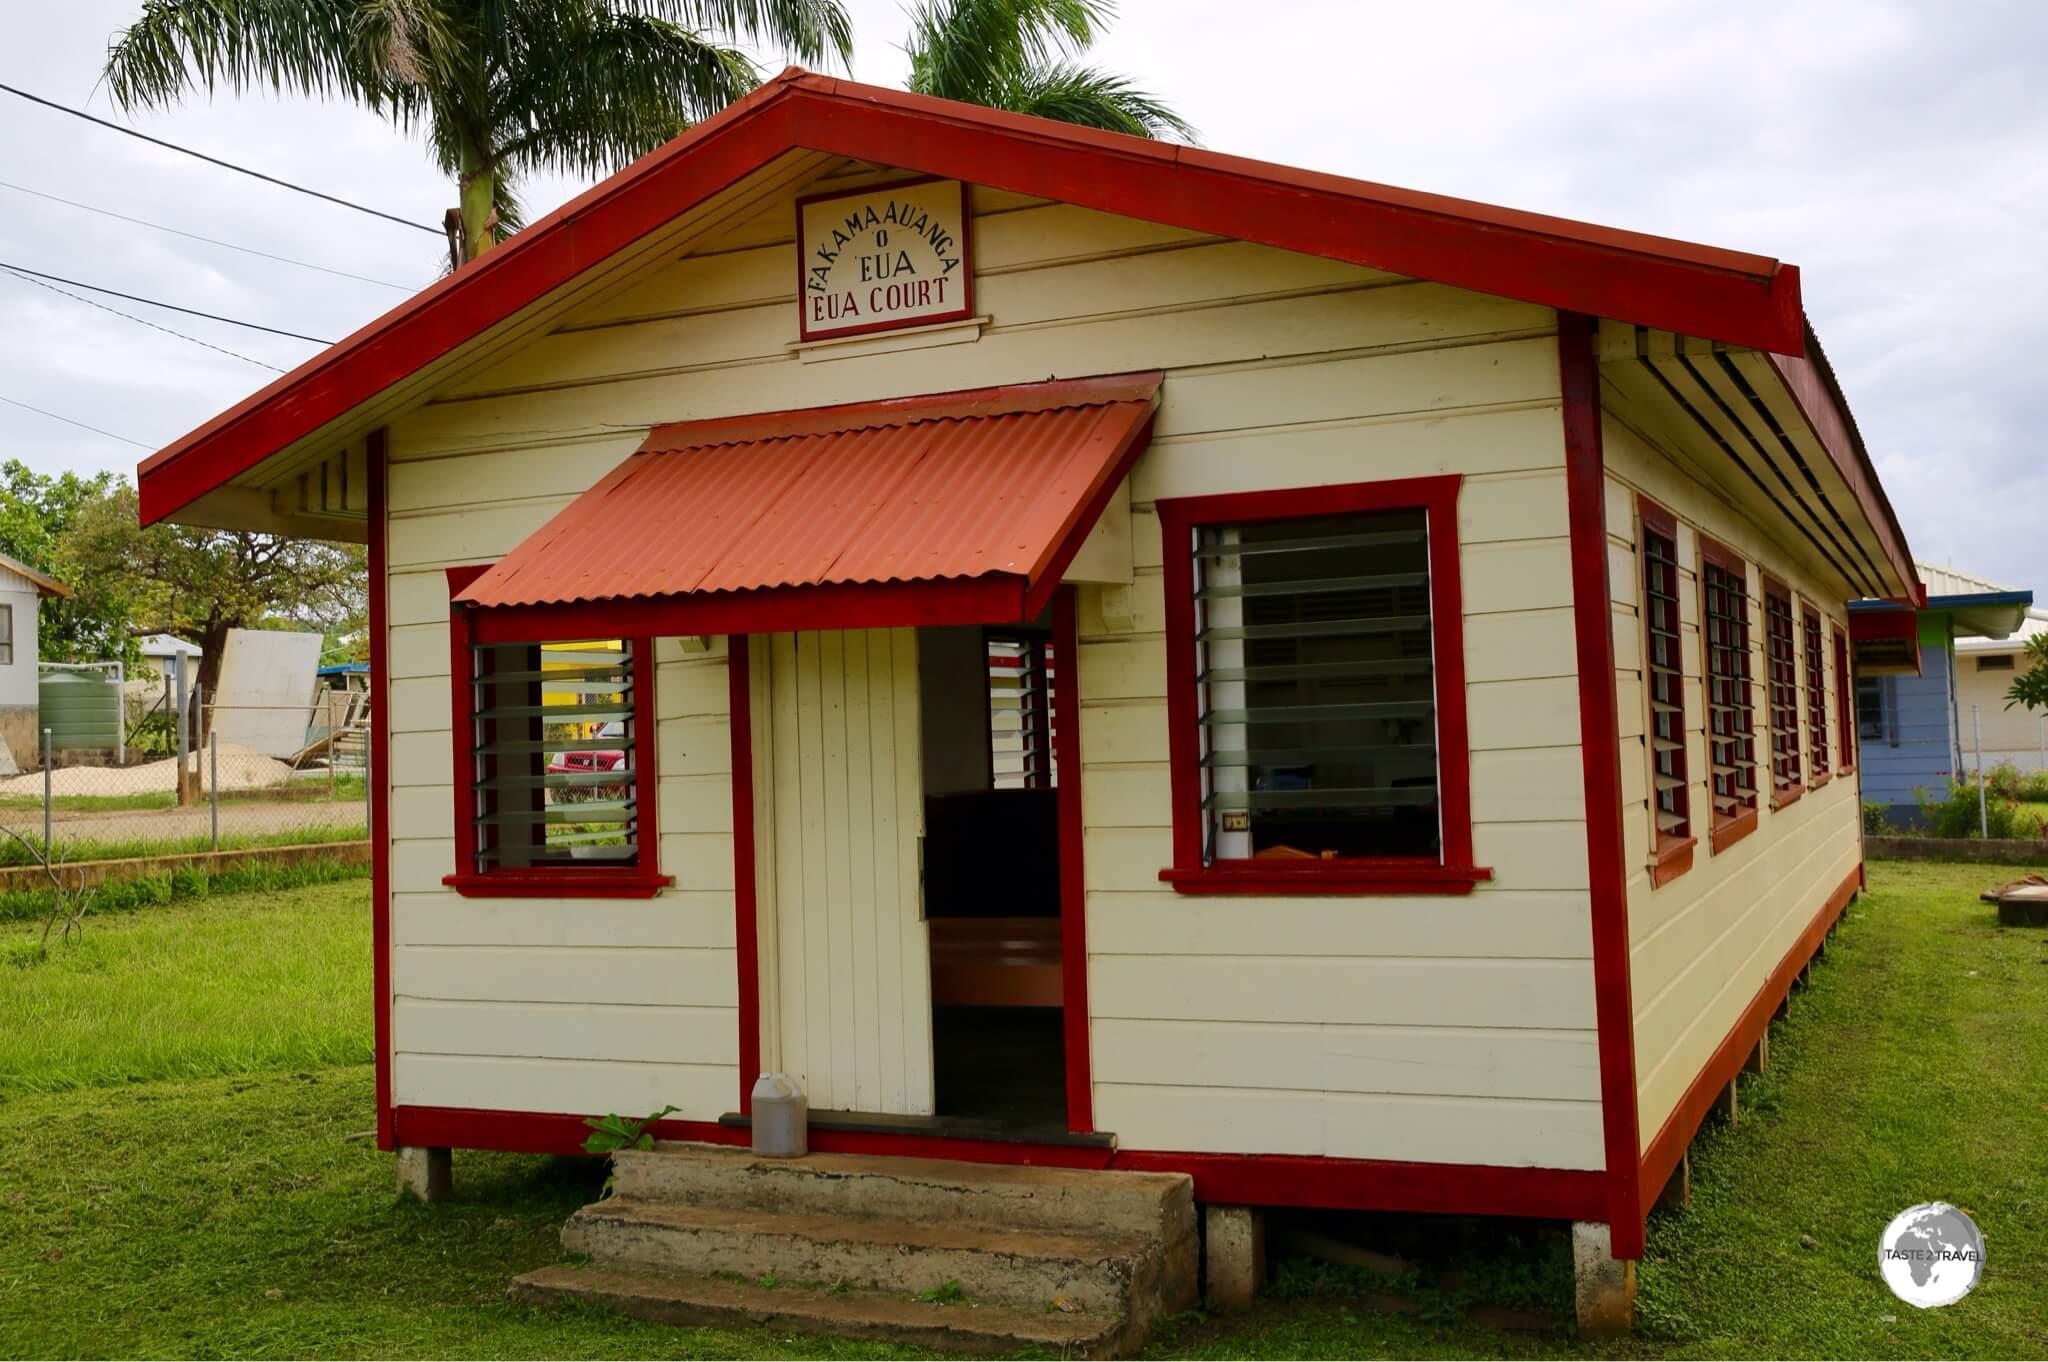 The 'Eua courthouse in Ohonua village.